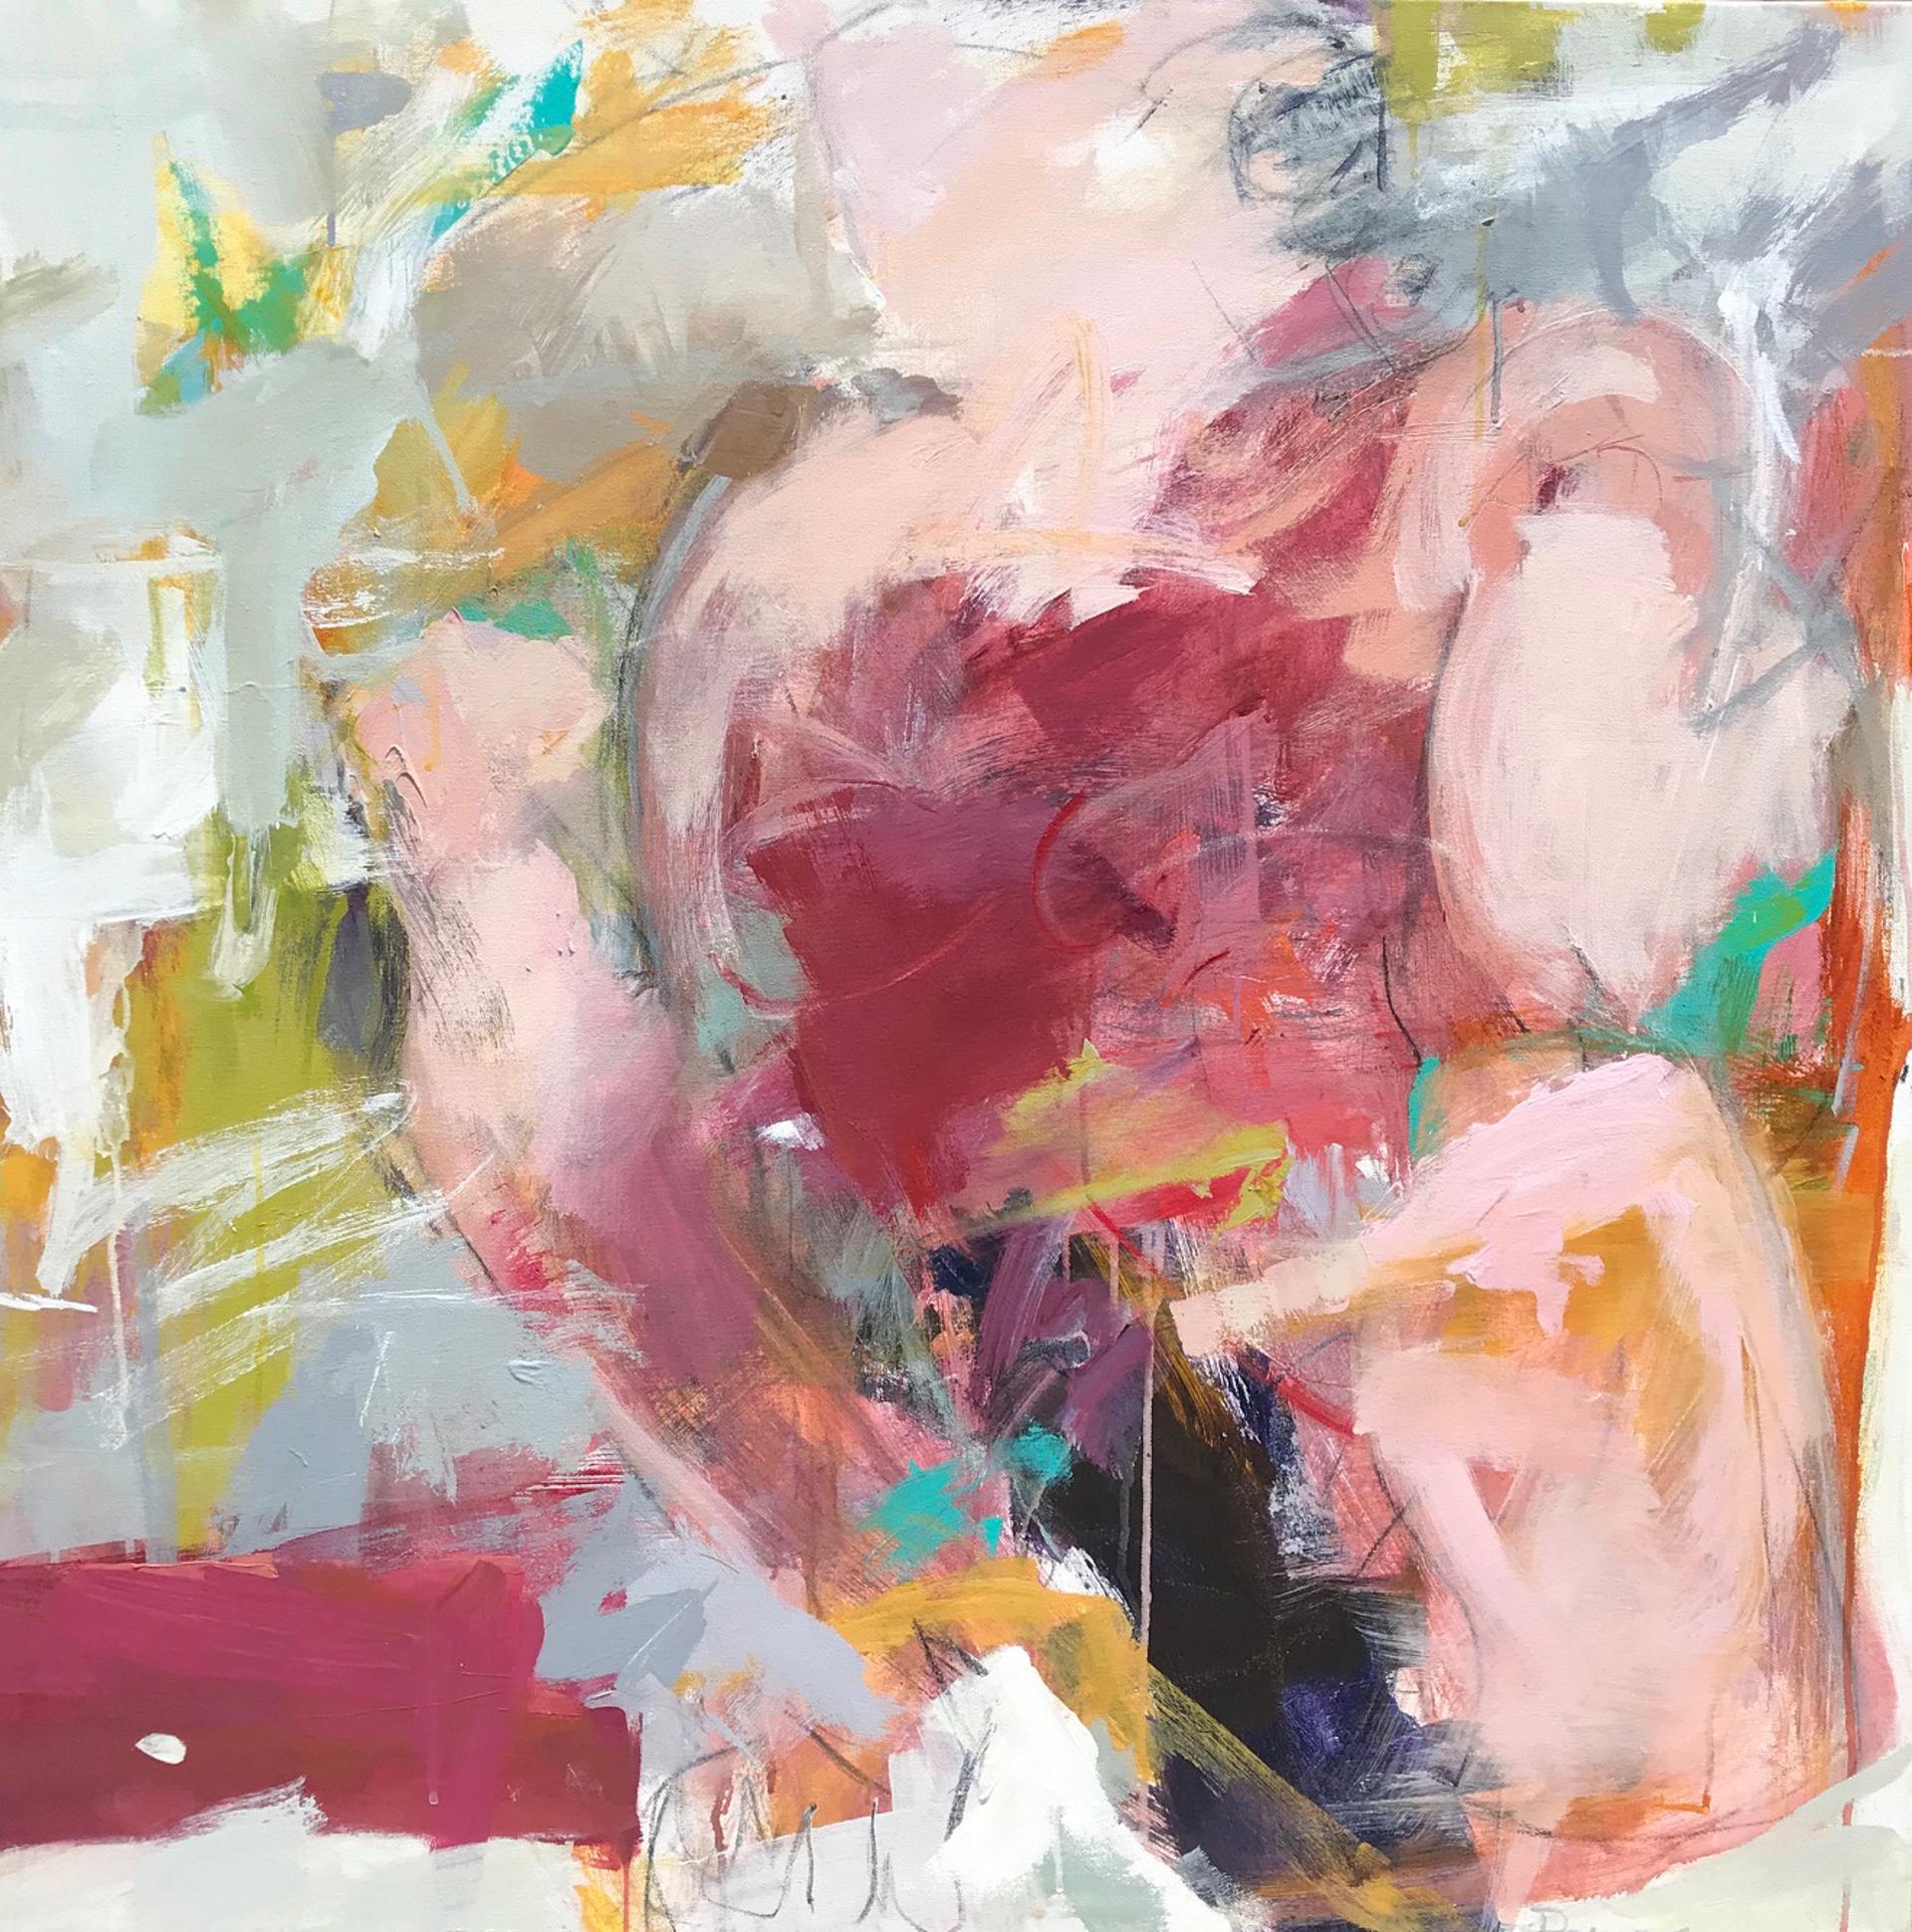 Her Grace by Eileen Power